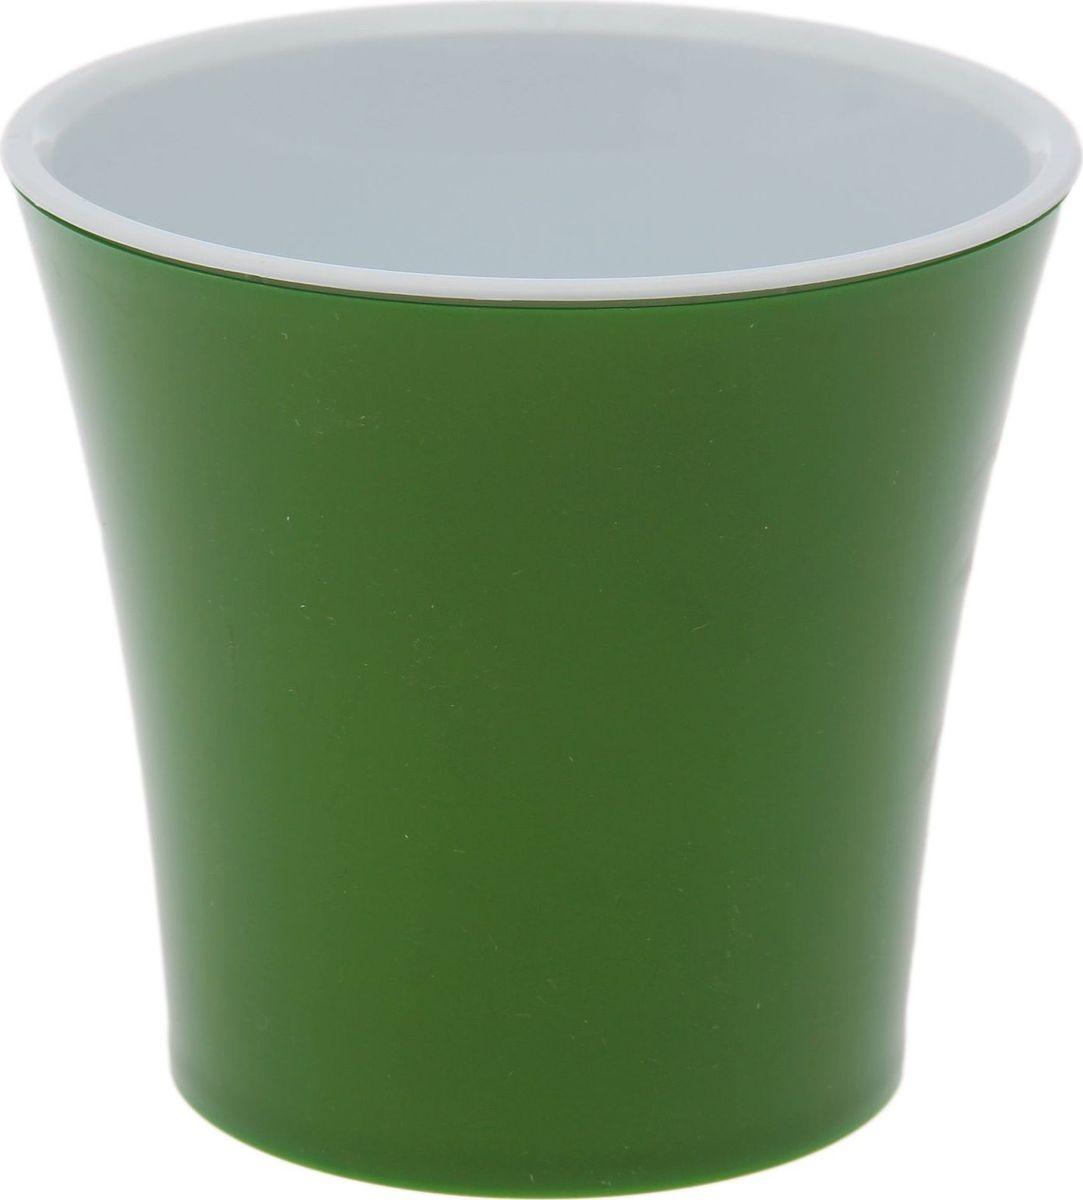 Горшок для цветов Santino Арте, цвет: зеленый, белый, 0,6 л531-105Любой, даже самый современный и продуманный интерьер будет незавершённым без растений. Они не только очищают воздух и насыщают его кислородом, но и украшают окружающее пространство. Такому полезному члену семьи просто необходим красивый и функциональный дом! Мы предлагаем Горшок 600 мл Арте, цвет зелёный, белый! Оптимальный выбор материала — пластмасса! Почему мы так считаем? -Малый вес. С лёгкостью переносите горшки и кашпо с места на место, ставьте их на столики или полки, не беспокоясь о нагрузке.-Простота ухода. Кашпо не нуждается в специальных условиях хранения. Его легко чистить — достаточно просто сполоснуть тёплой водой.-Никаких потёртостей. Такие кашпо не царапают и не загрязняют поверхности, на которых стоят.-Пластик дольше хранит влагу, а значит, растение реже нуждается в поливе.-Пластмасса не пропускает воздух — корневой системе растения не грозят резкие перепады температур. -Огромный выбор форм, декора и расцветок — вы без труда найдёте что-то, что идеально впишется в уже существующий интерьер.Соблюдая нехитрые правила ухода, вы можете заметно продлить срок службы горшков и кашпо из пластика: -всегда учитывайте размер кроны и корневой системы (при разрастании большое растение способно повредить маленький горшок)-берегите изделие от воздействия прямых солнечных лучей, чтобы горшки не выцветали-держите кашпо из пластика подальше от нагревающихся поверхностей. Создавайте прекрасные цветочные композиции, выращивайте рассаду или необычные растения. Размеры внутреннего вкладыша - высота 10 см, верхний диаметр - 11 см, нижний - 8 см.